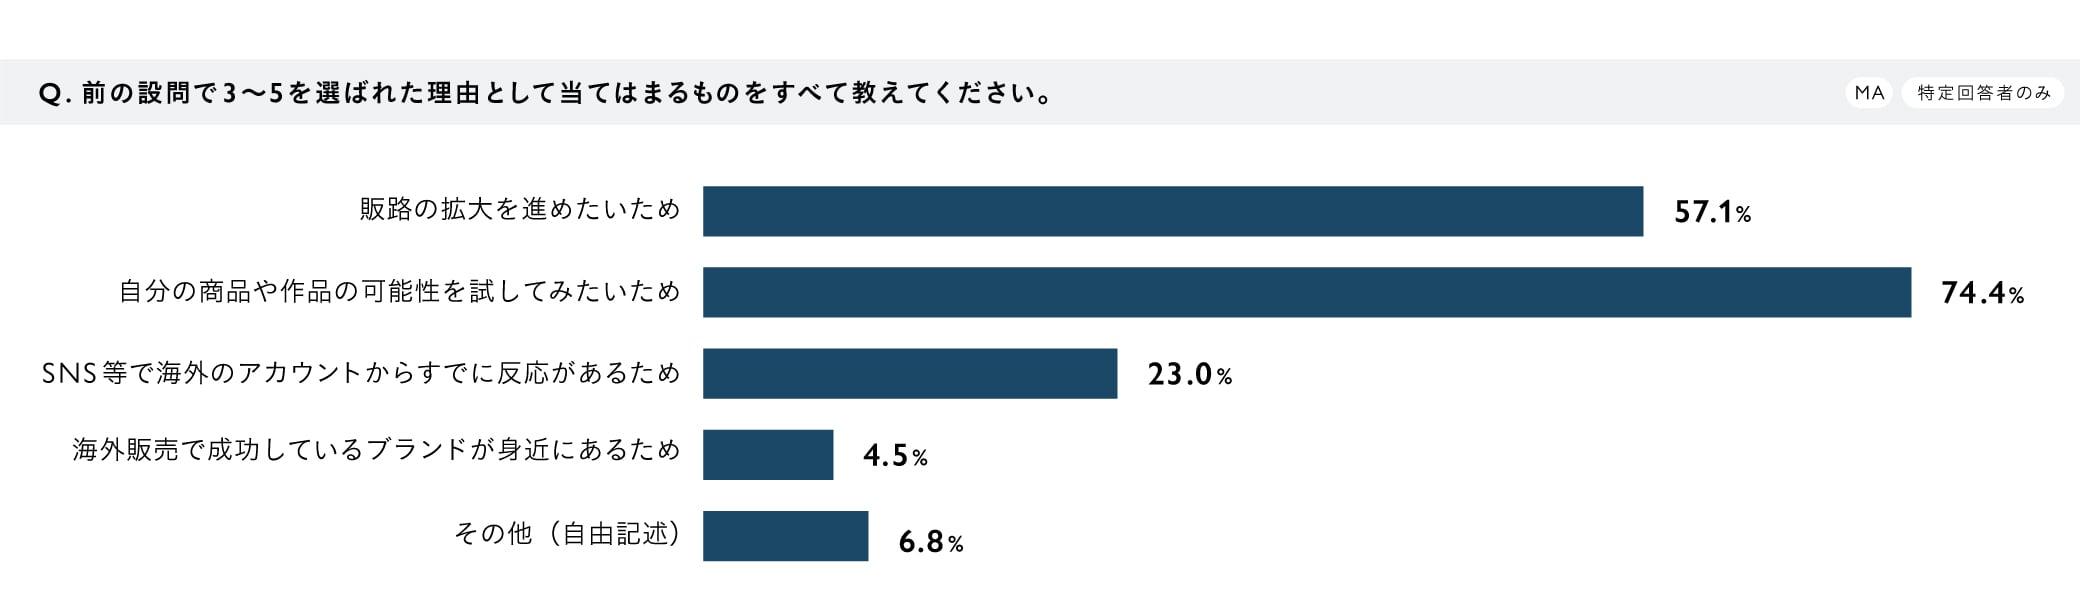 【調査結果グラフ】『作り手の海外展開・販売に関する意識調査』Q5.前の設問で3〜5を選ばれた理由として当てはまるものをすべて教えてください。(MA/特定回答者のみ) A.販路の拡大を進めたいため:57.1%、自分の商品や作品の可能性を試してみたいため:74.4%、SNS等で海外のアカウントからすでに反応があるため:23.0%、海外販売で成功しているブランドが身近にあるため:4.5%、その他(自由記述):6.8%